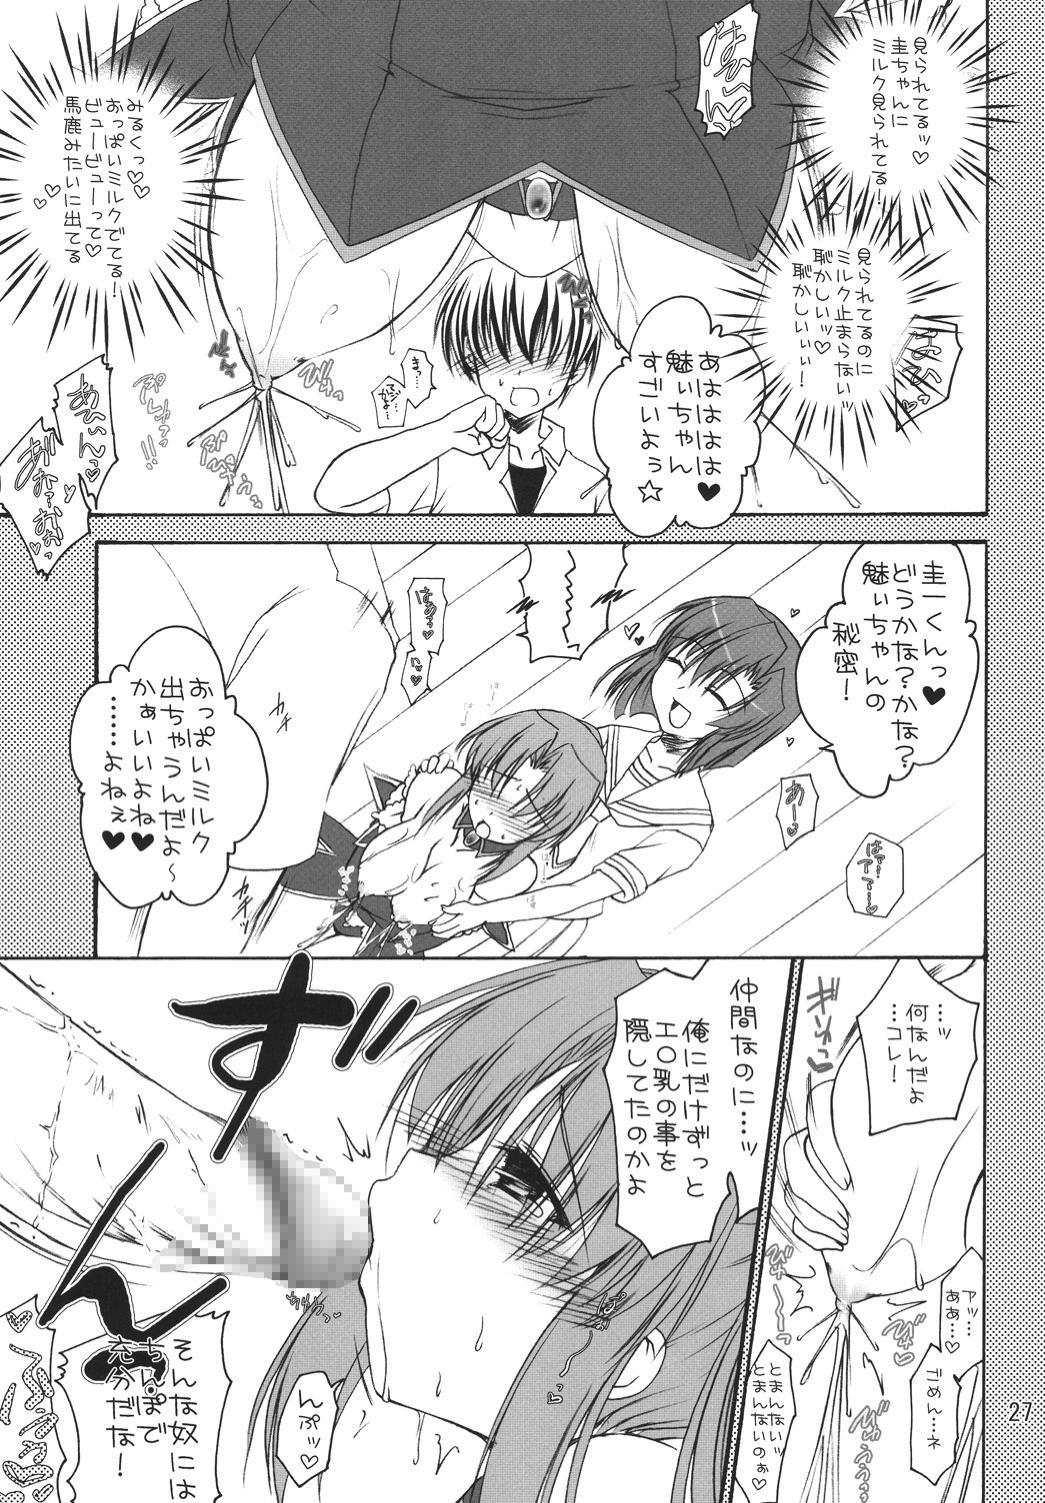 Miwaku 25